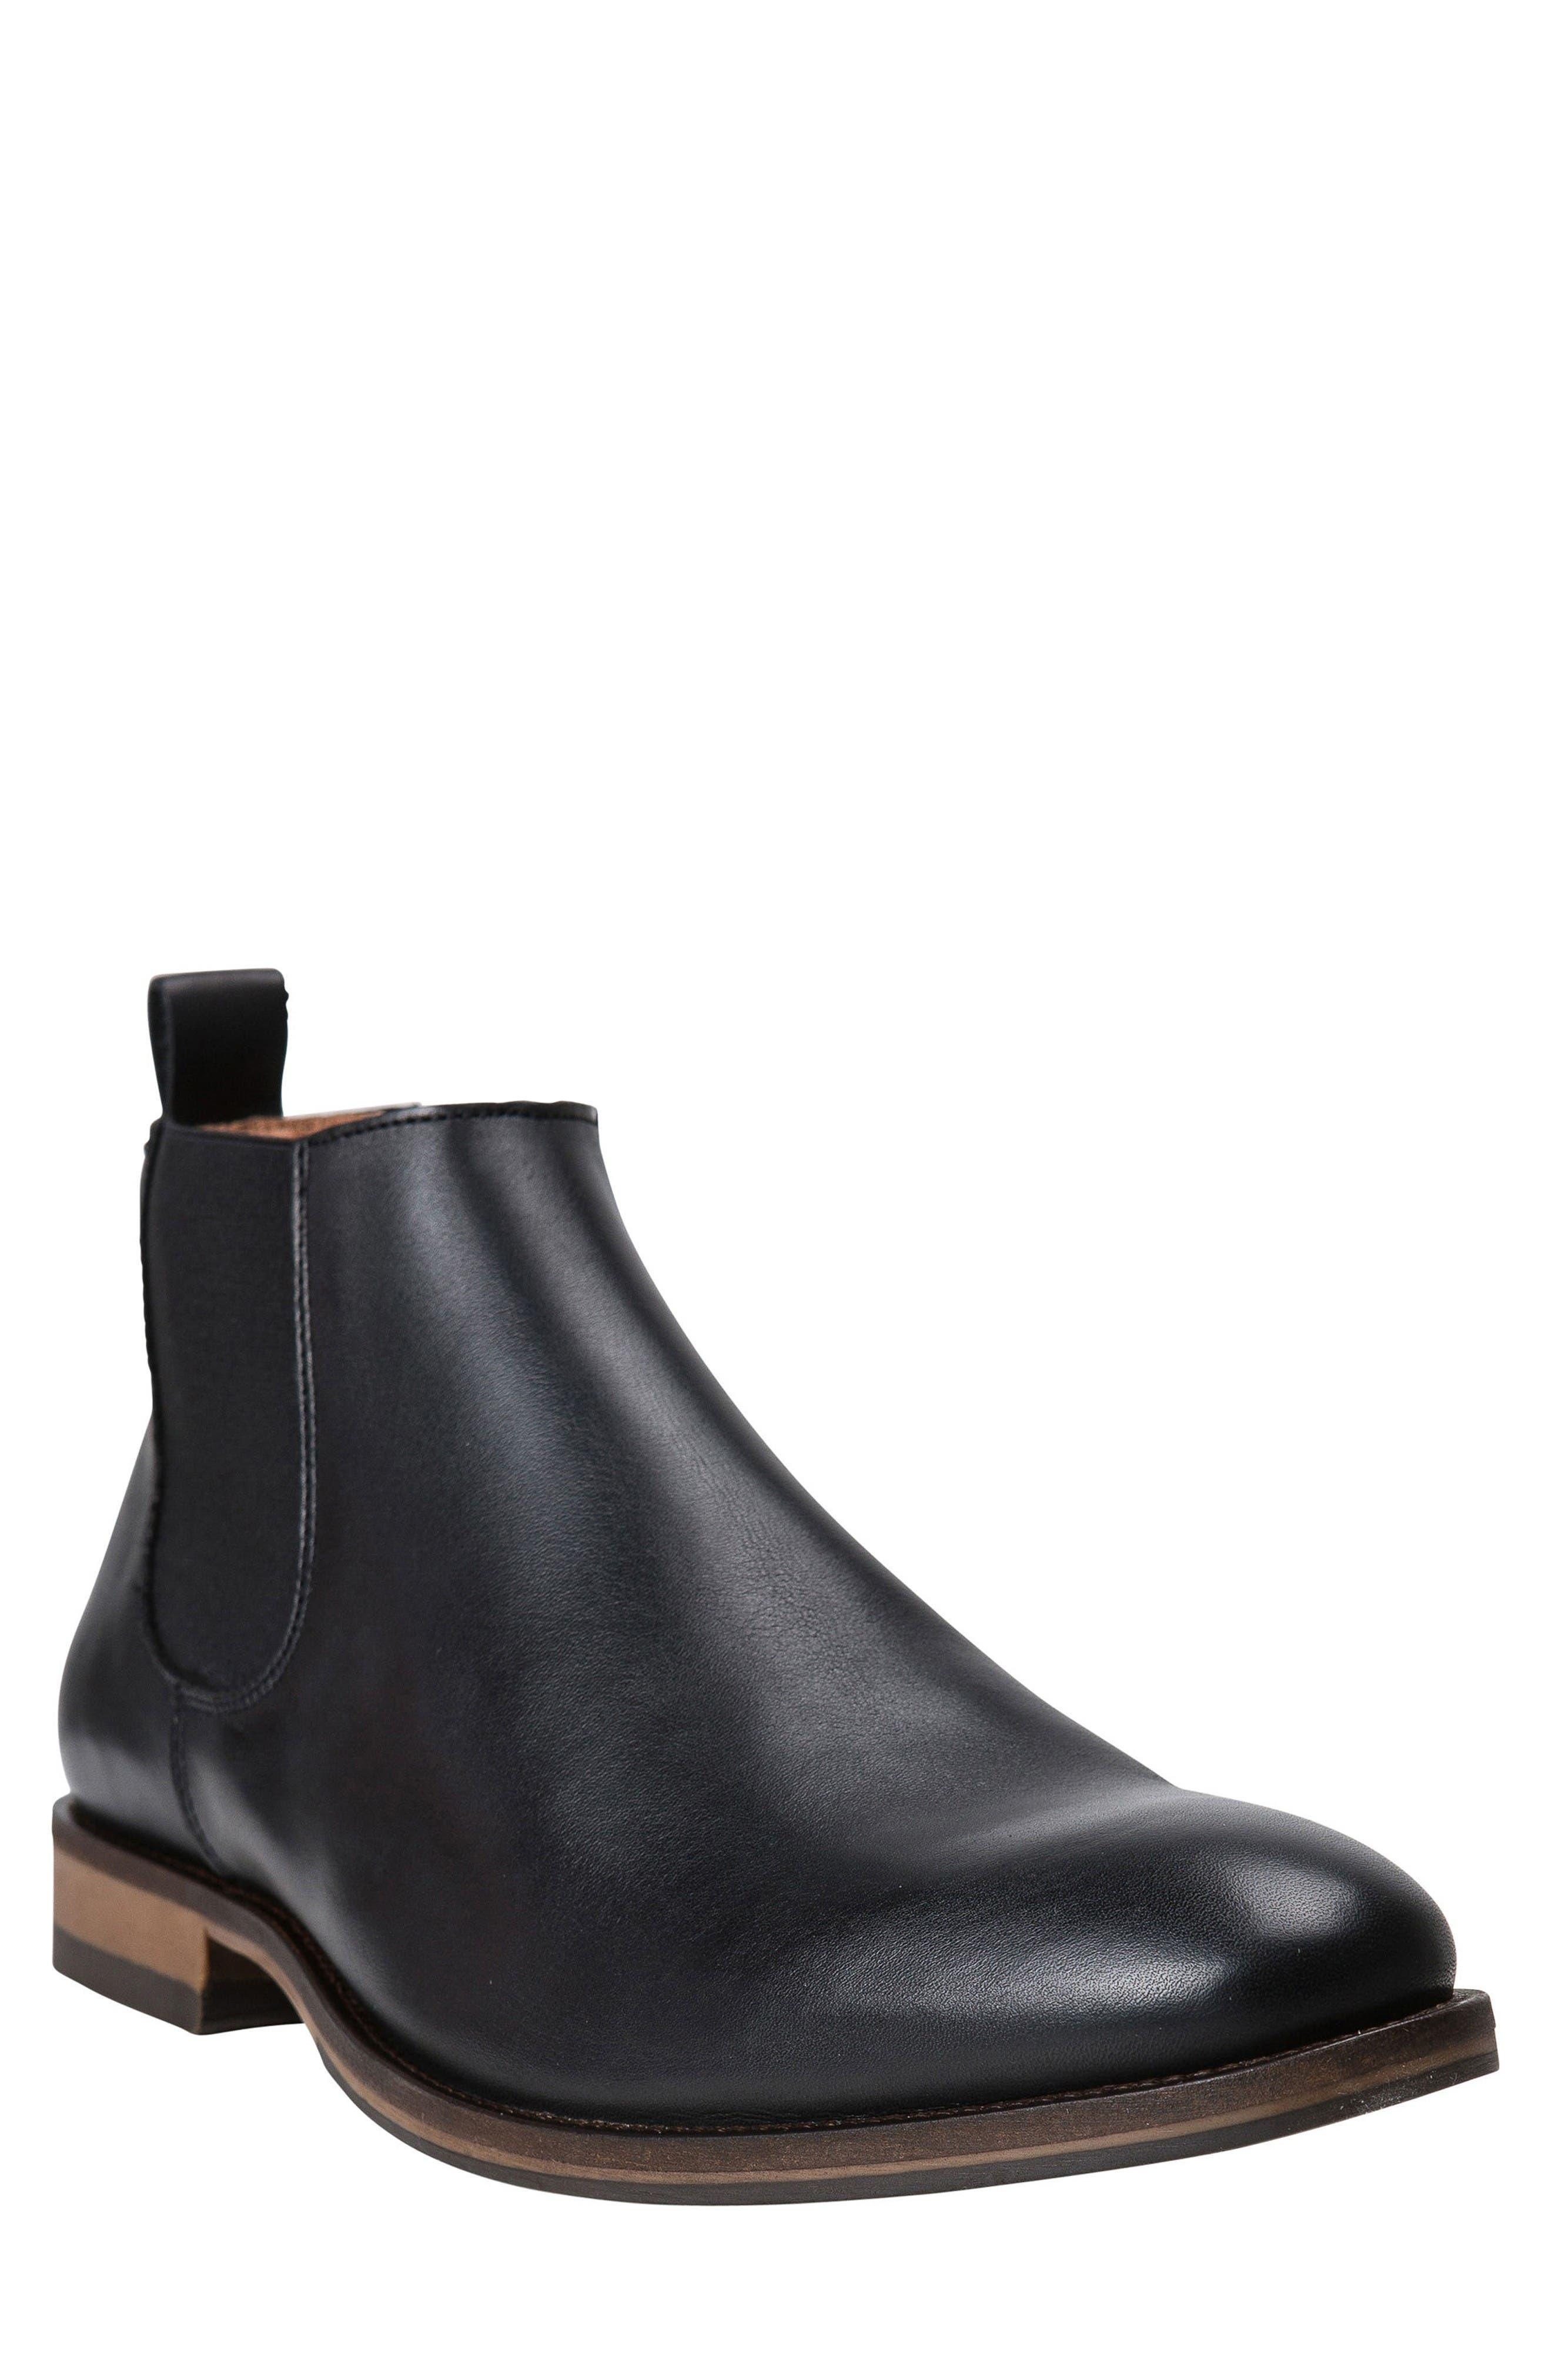 Rodd & Gunn St. Stephens Chelsea Boot (Men)